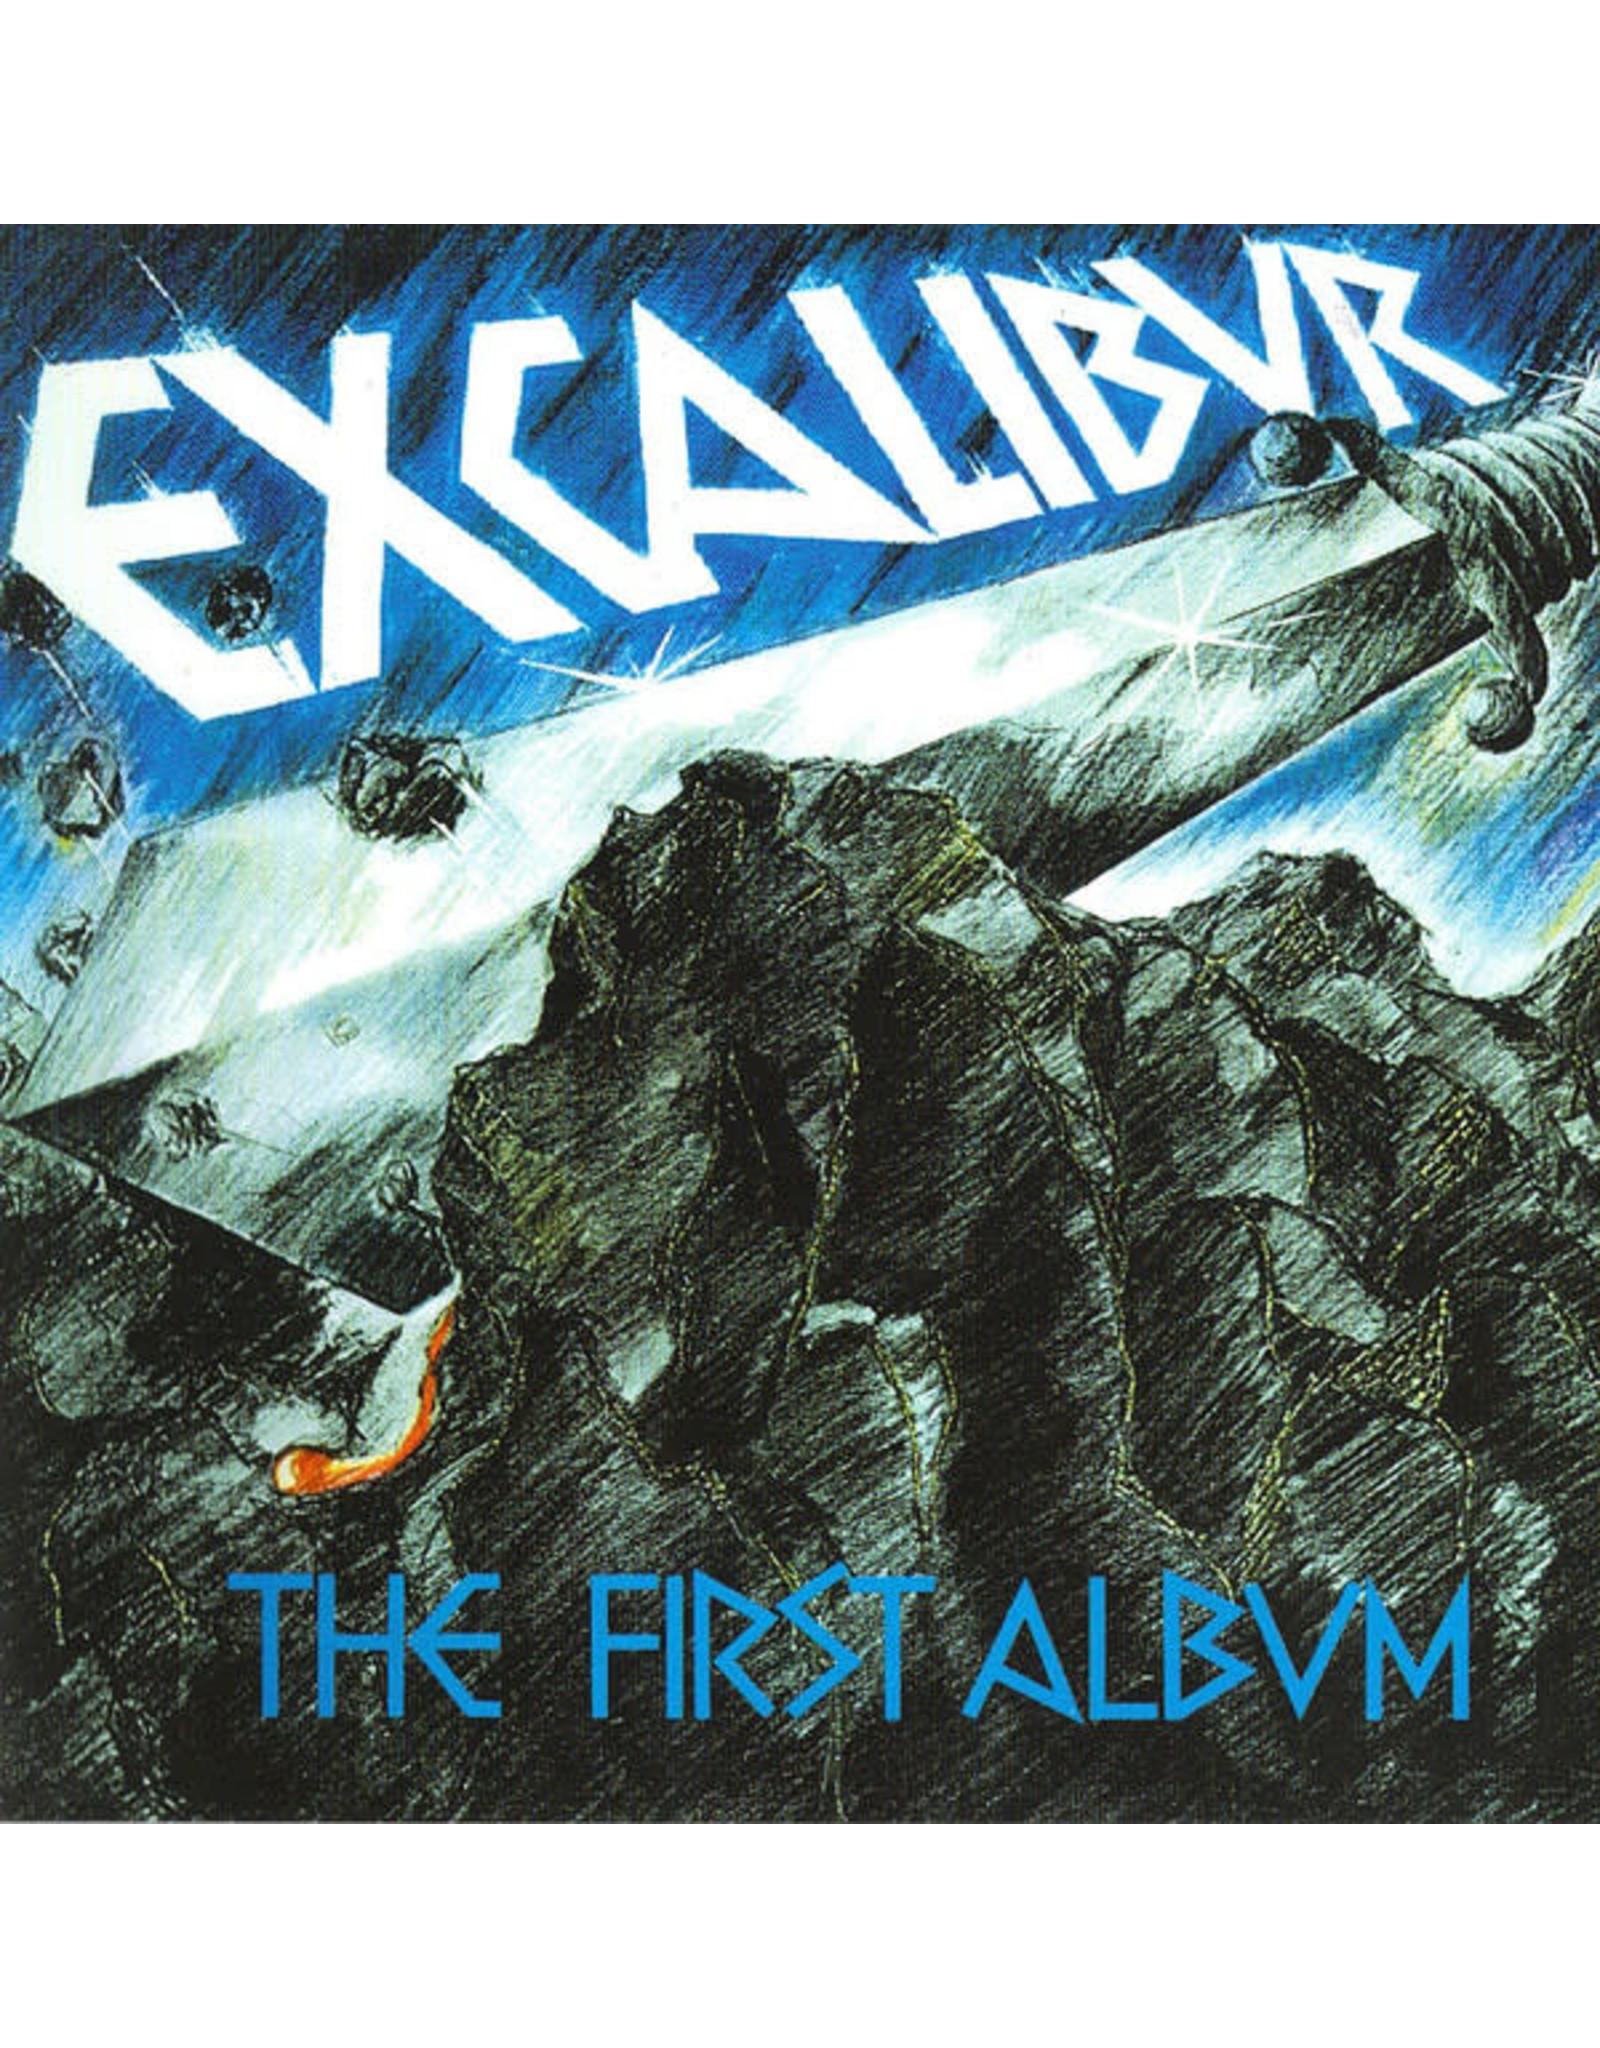 Vinyl Excalibur - The First Album